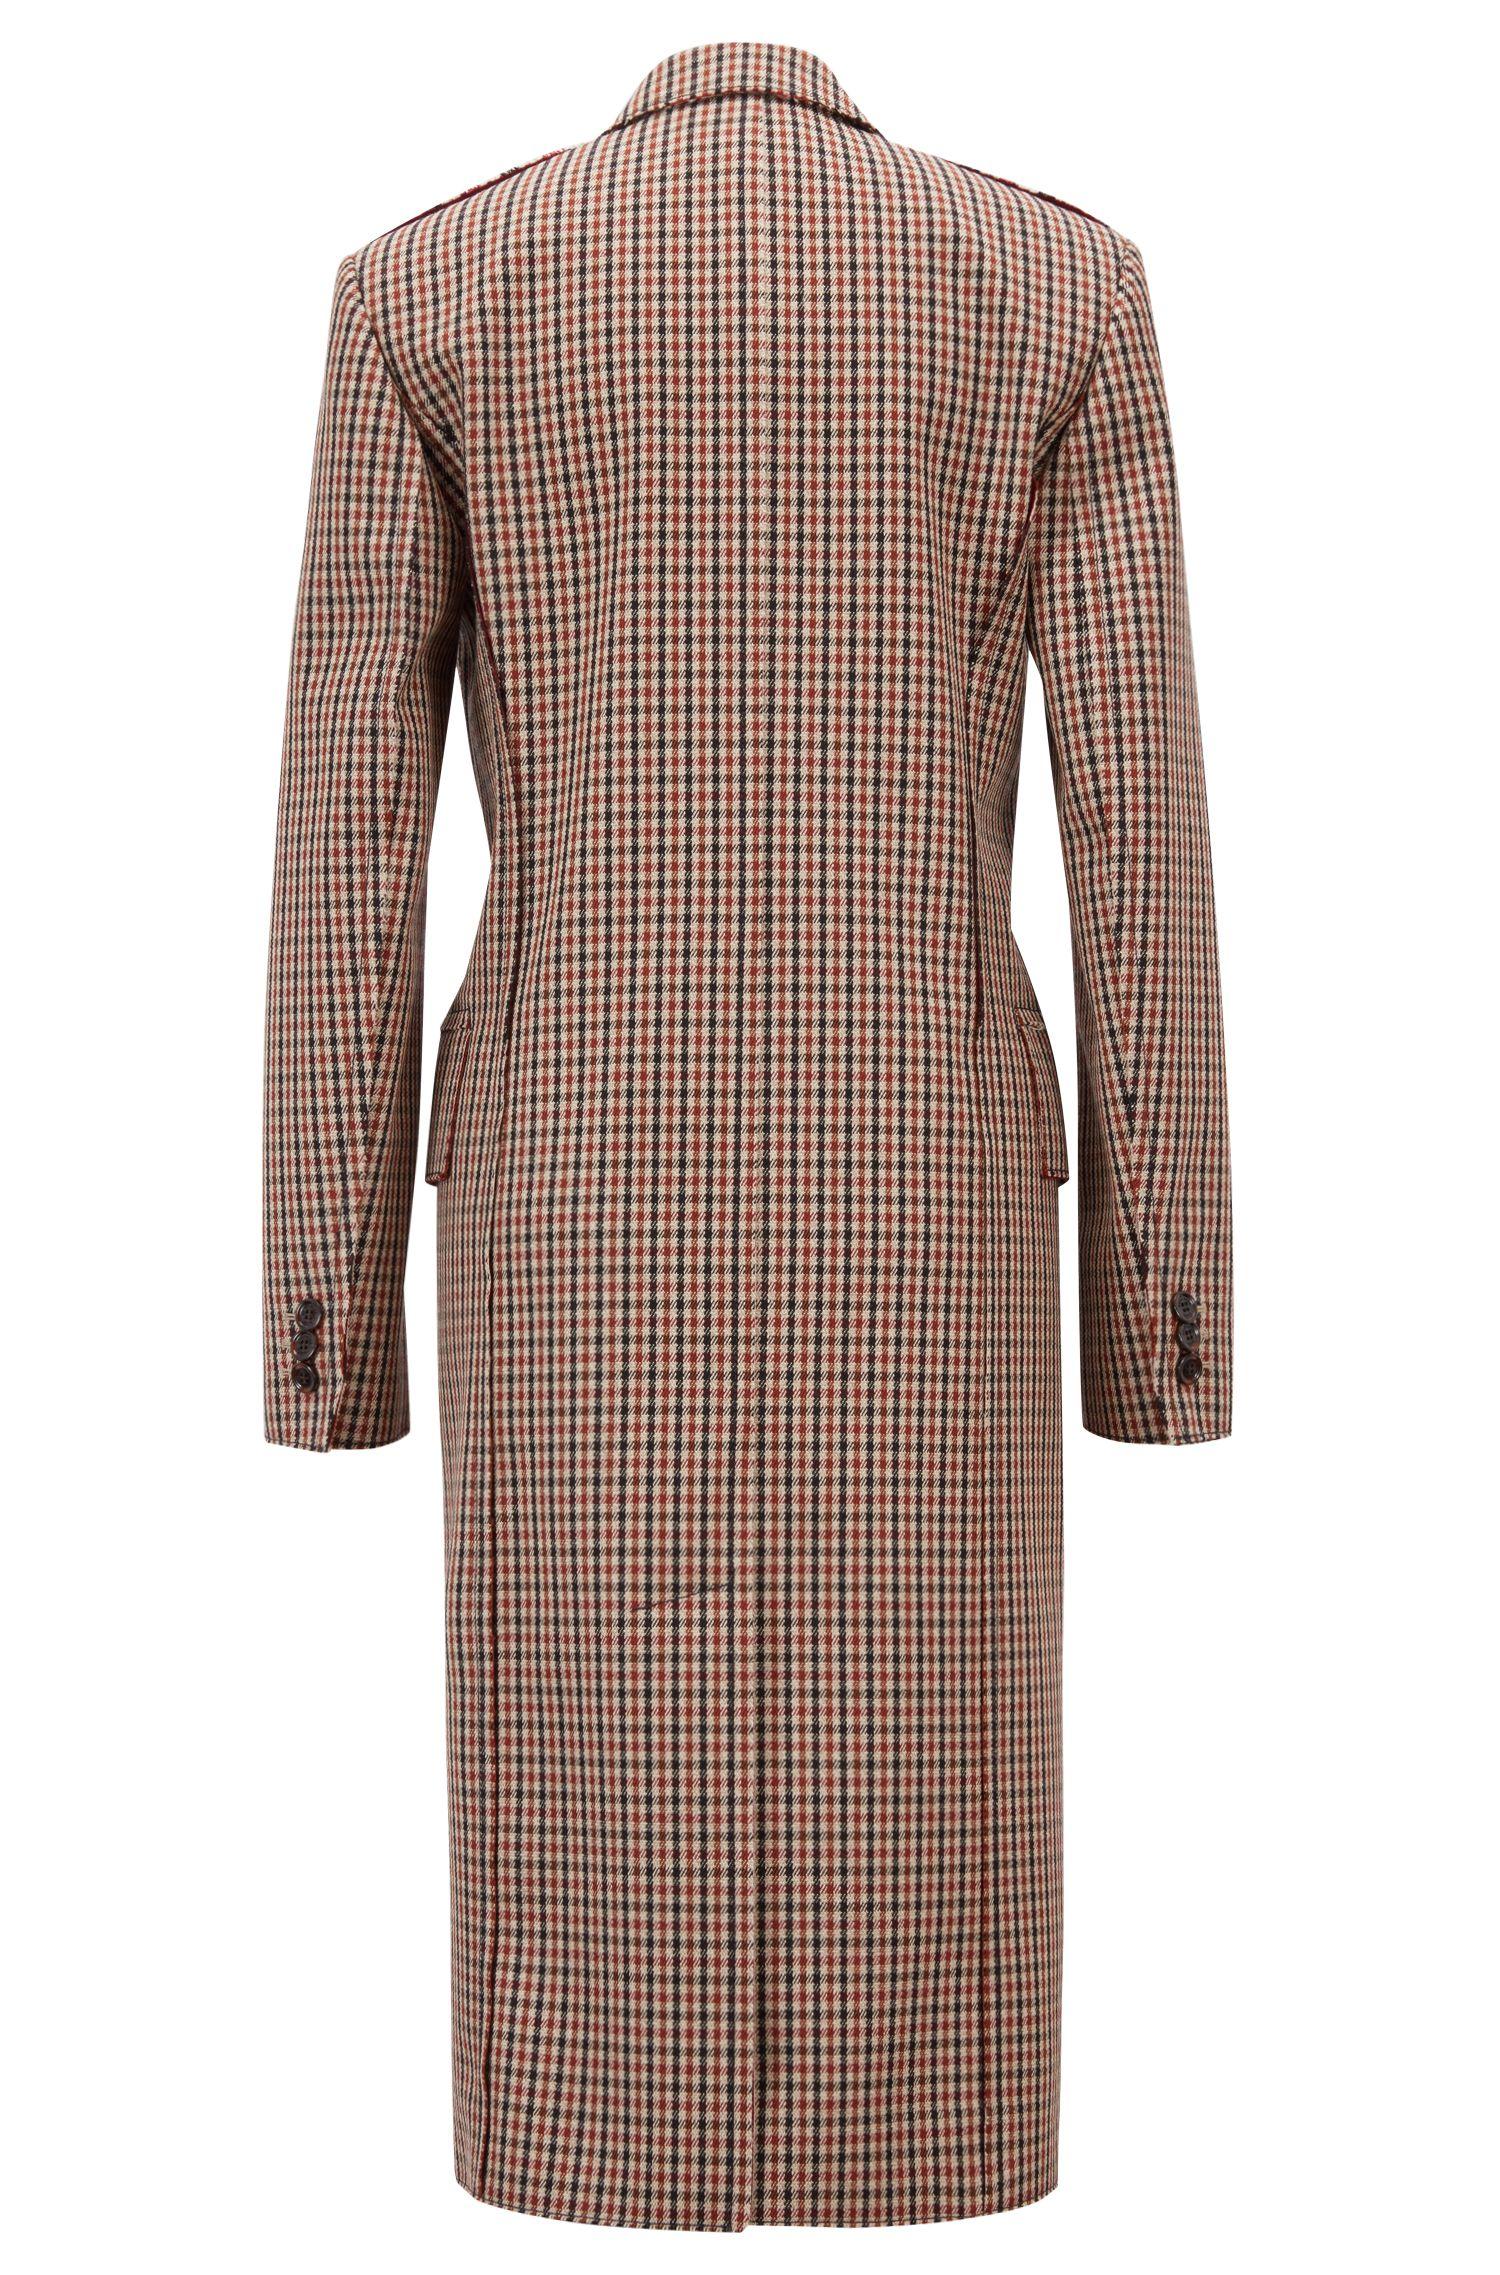 Manteau croisé Made in Germany avec revers en pointe, Brun chiné